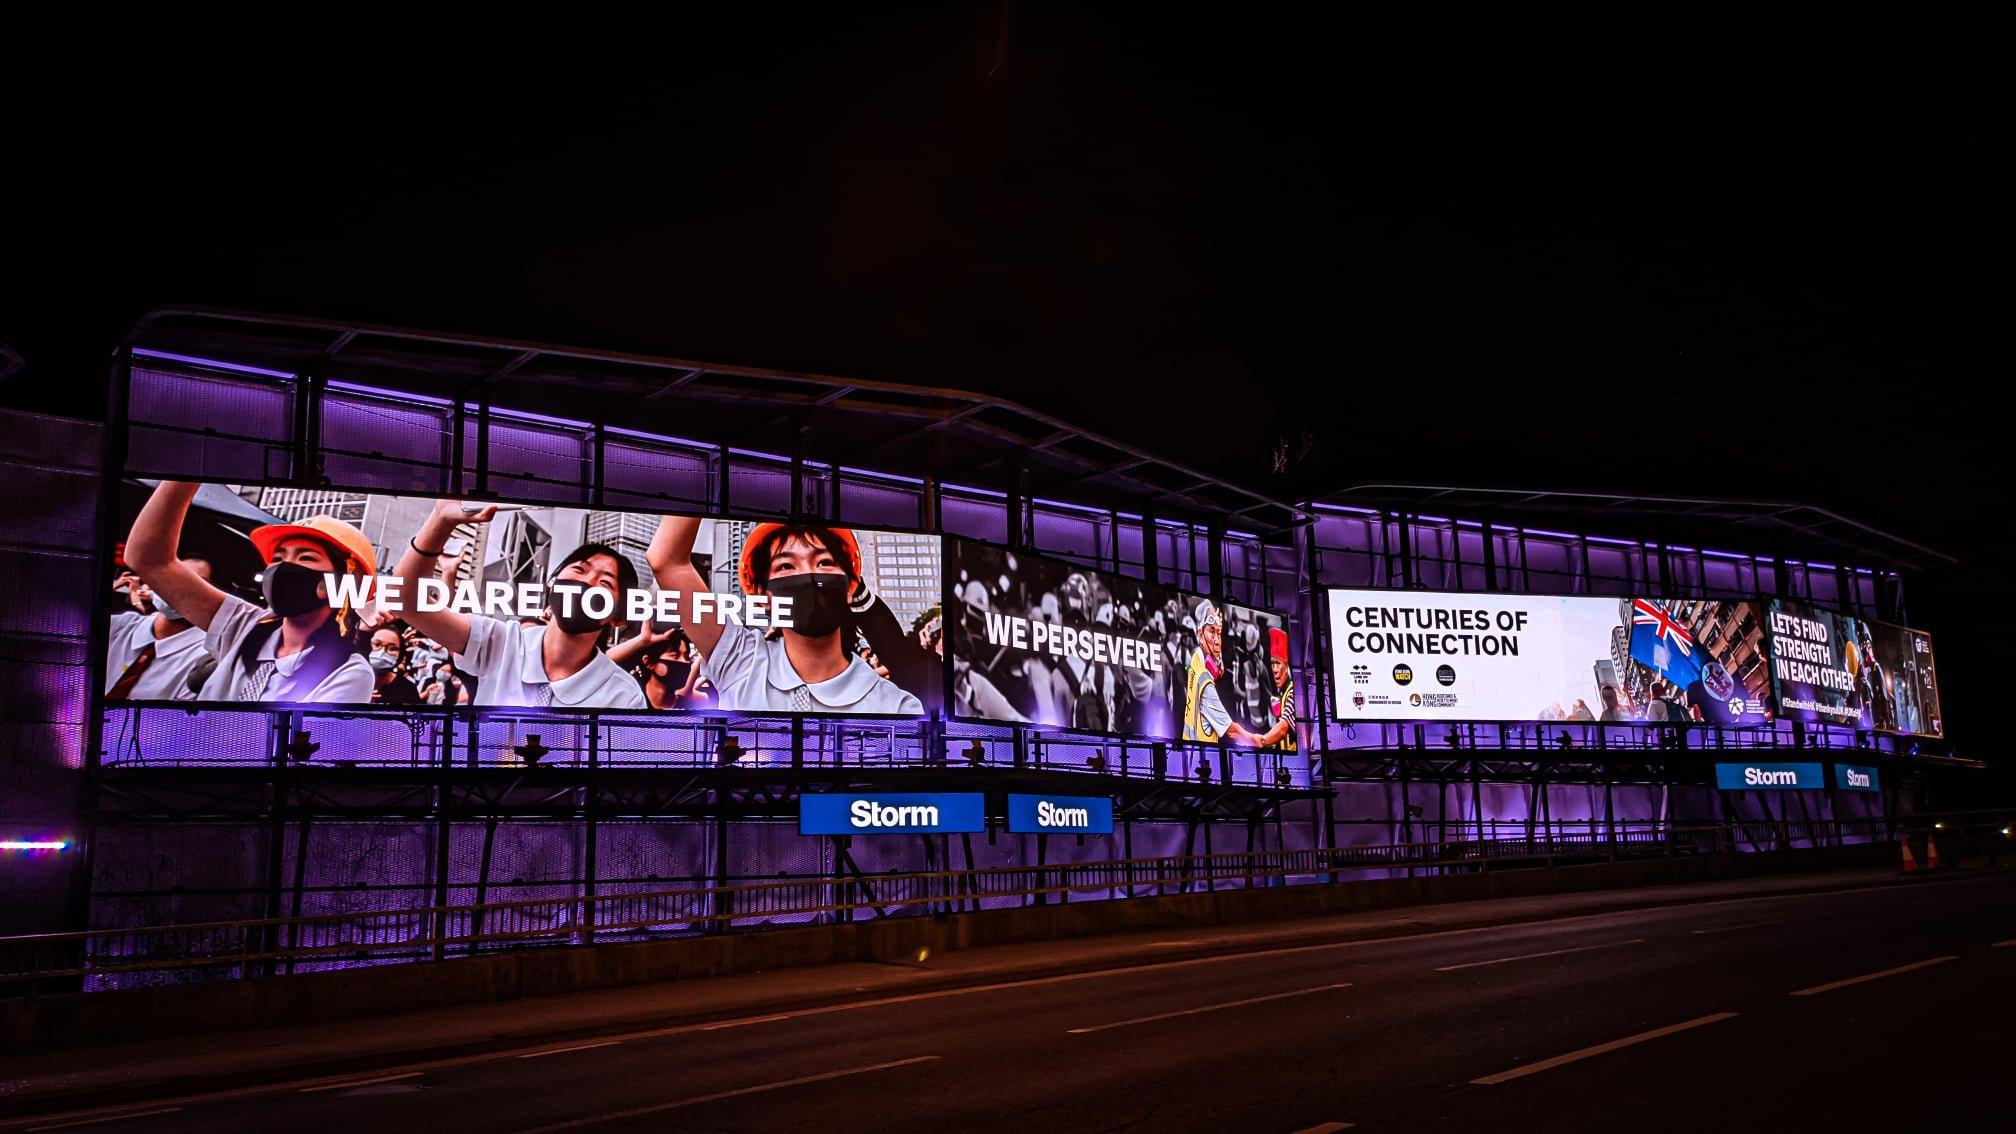 在英港人組織重光團隊SWHK由4月12日起在英國街頭推出大型廣告,為期1星期,宣揚港人身分和文化。(重光團隊SWHK Facebook圖片)